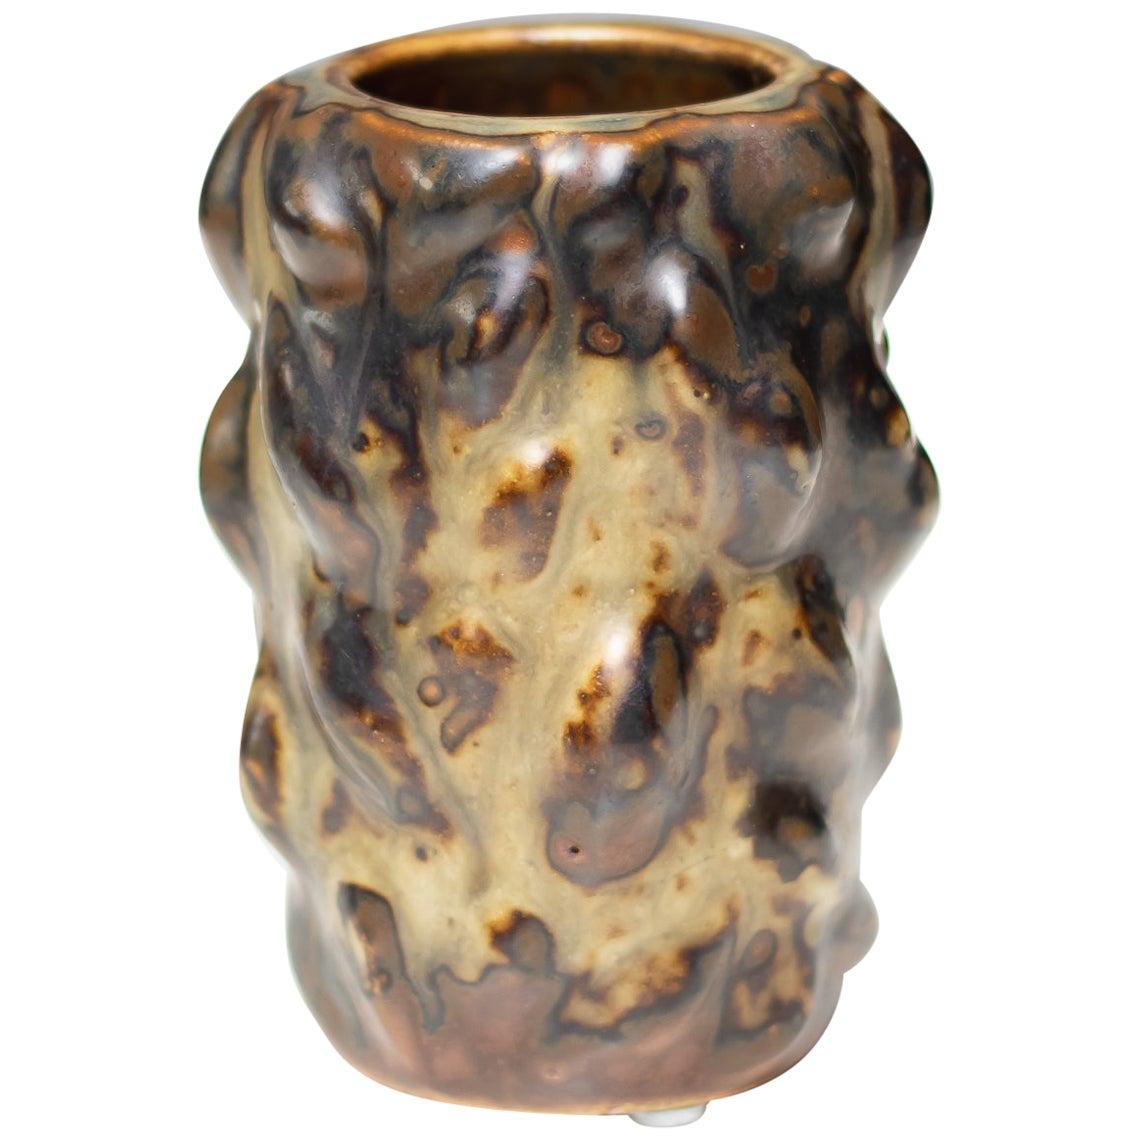 Axel Salto Budding Vase